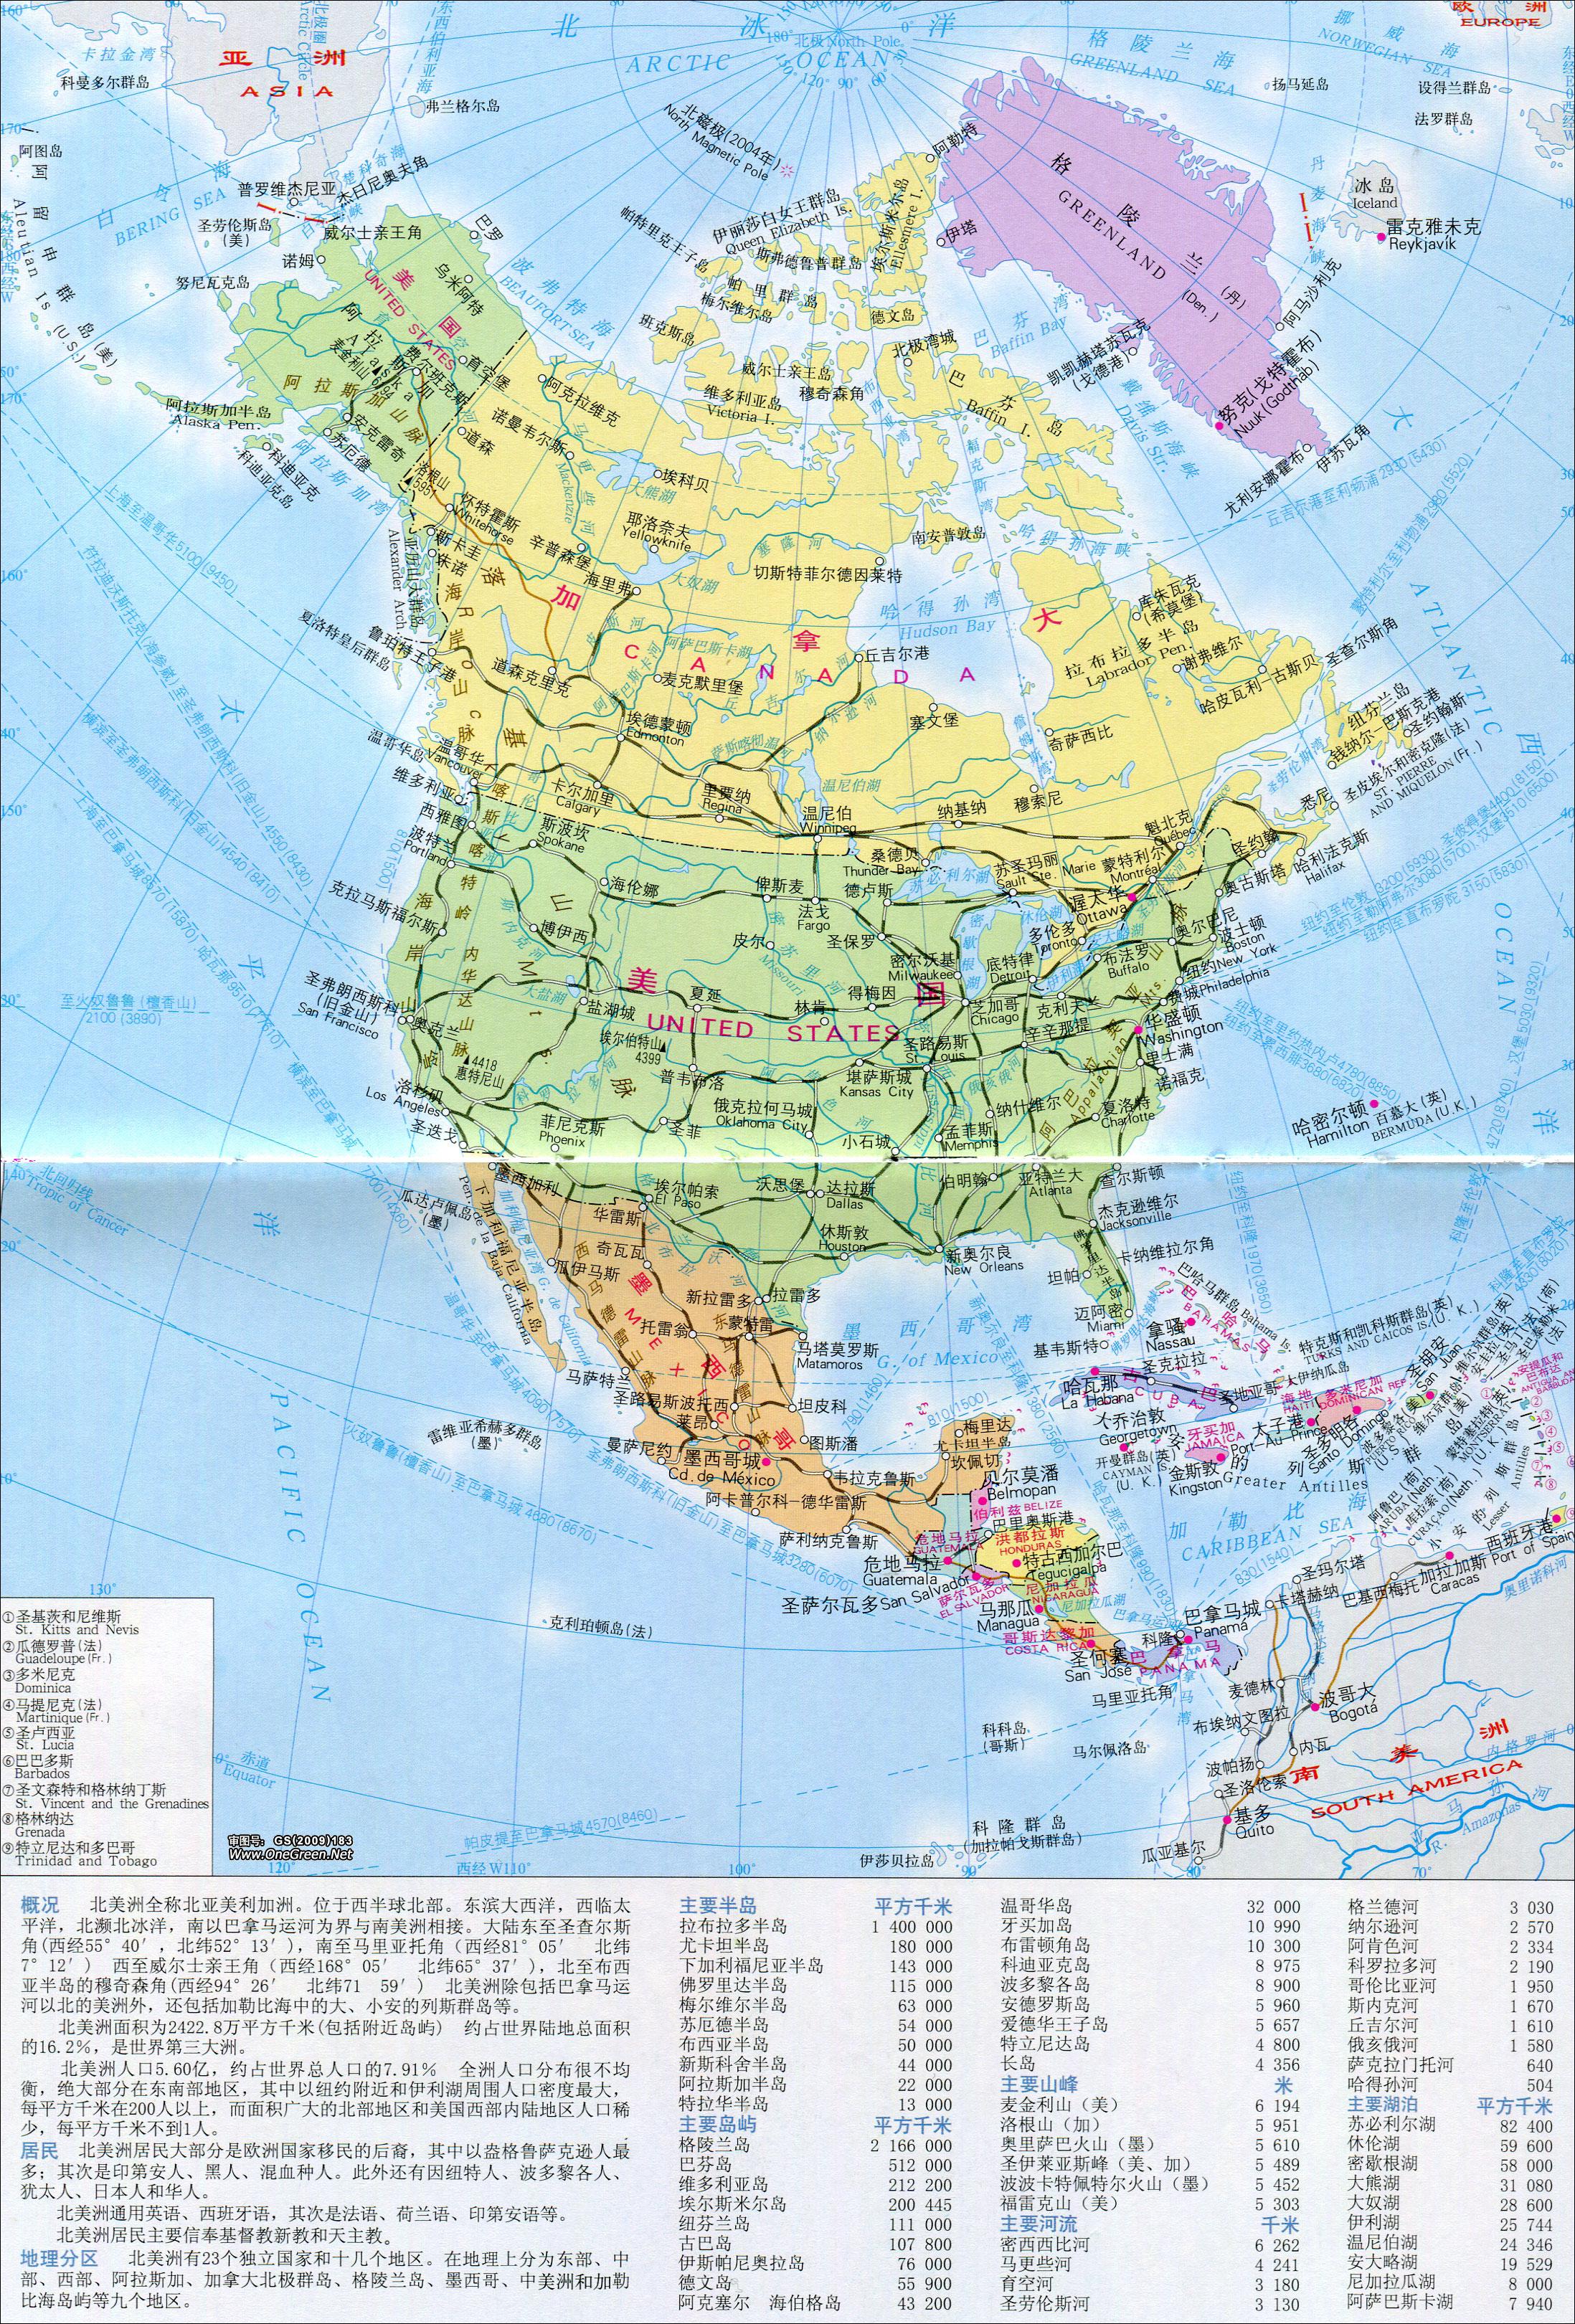 全球 地图 中文 版